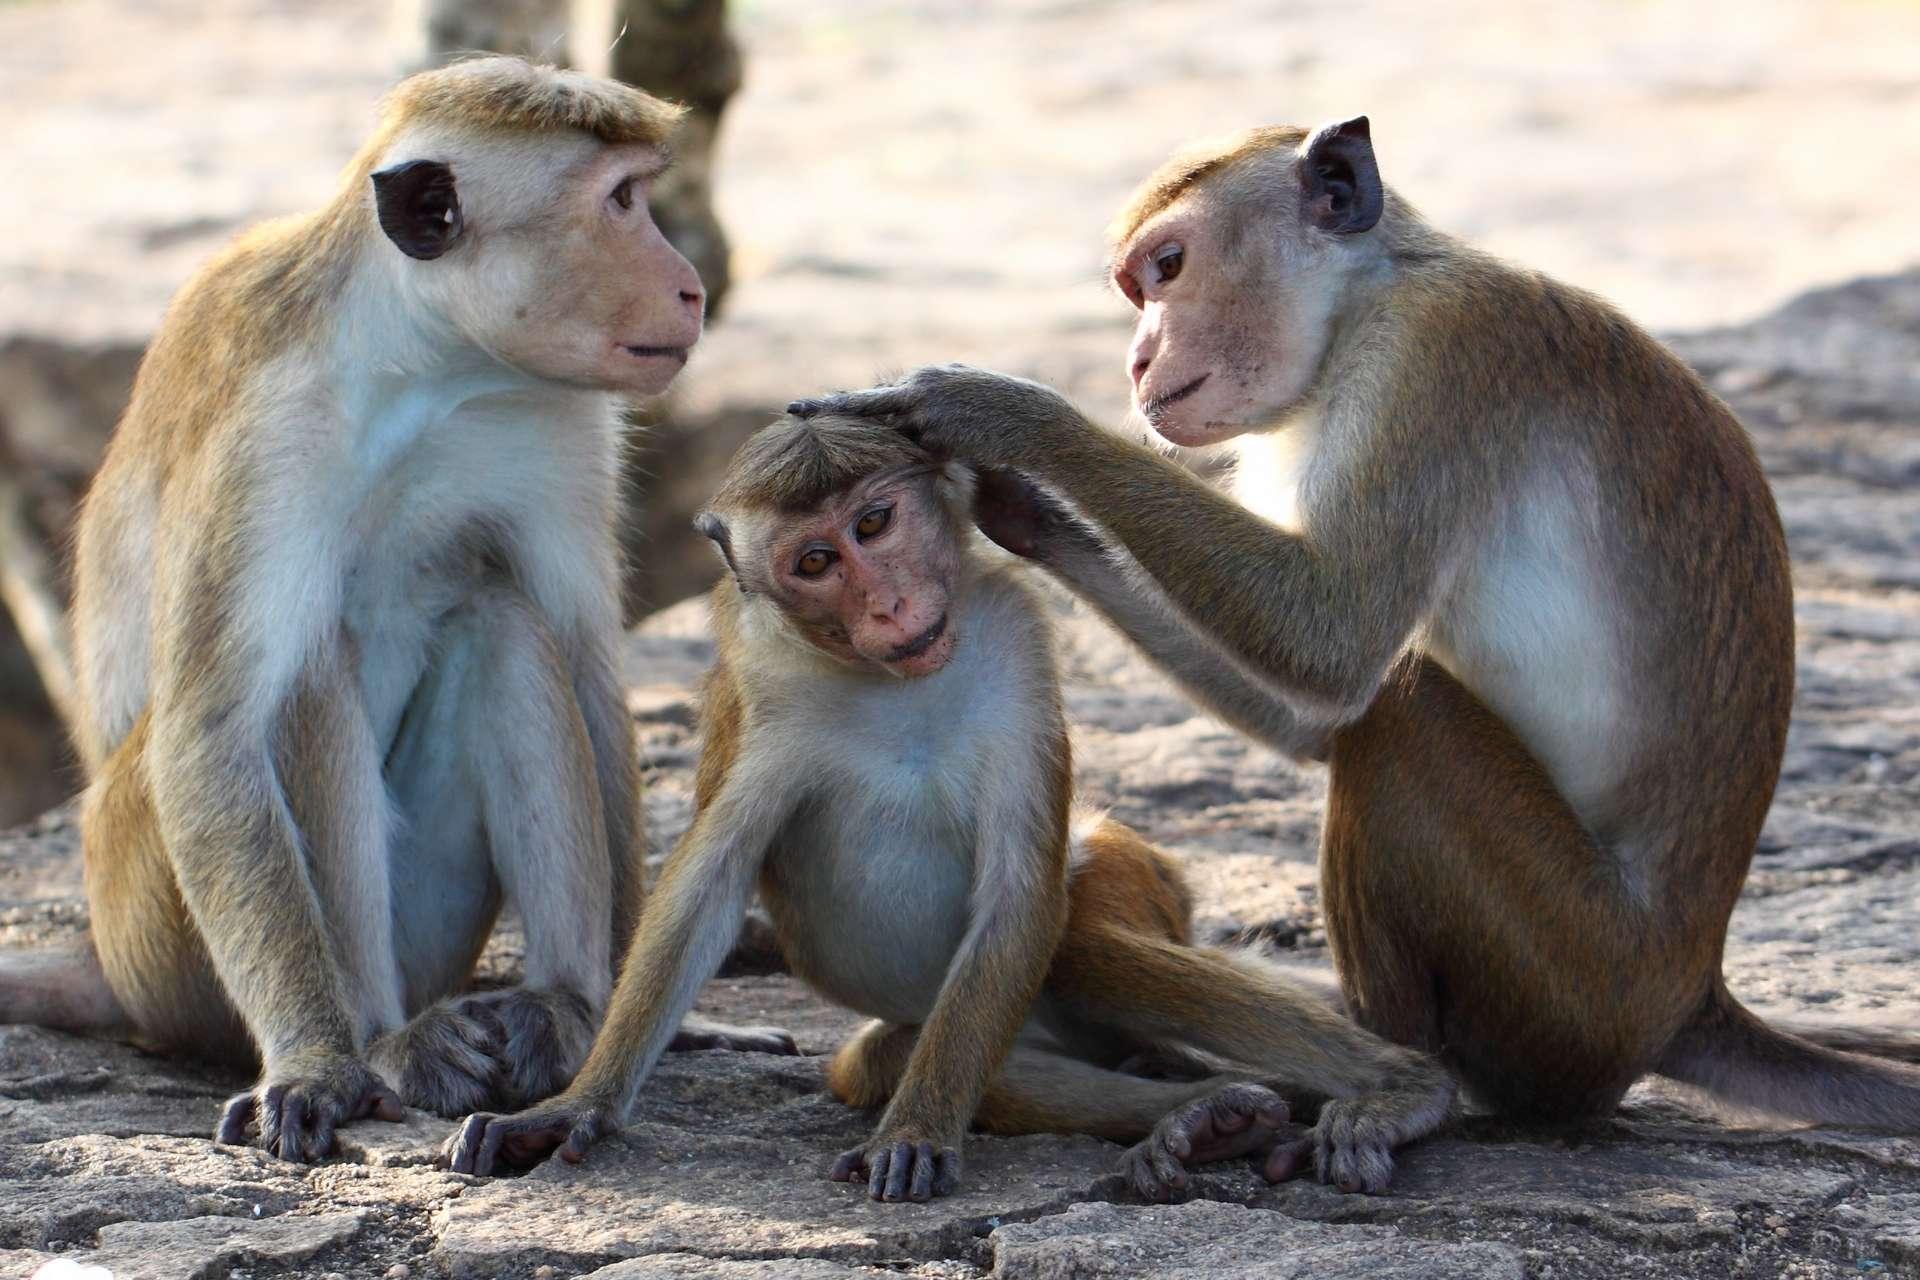 Les singes rhésus, Macaca mulatta, mesurent aux alentours de 60 centimètres de long et vivent en Asie. © Leochen66, Adobe Stock